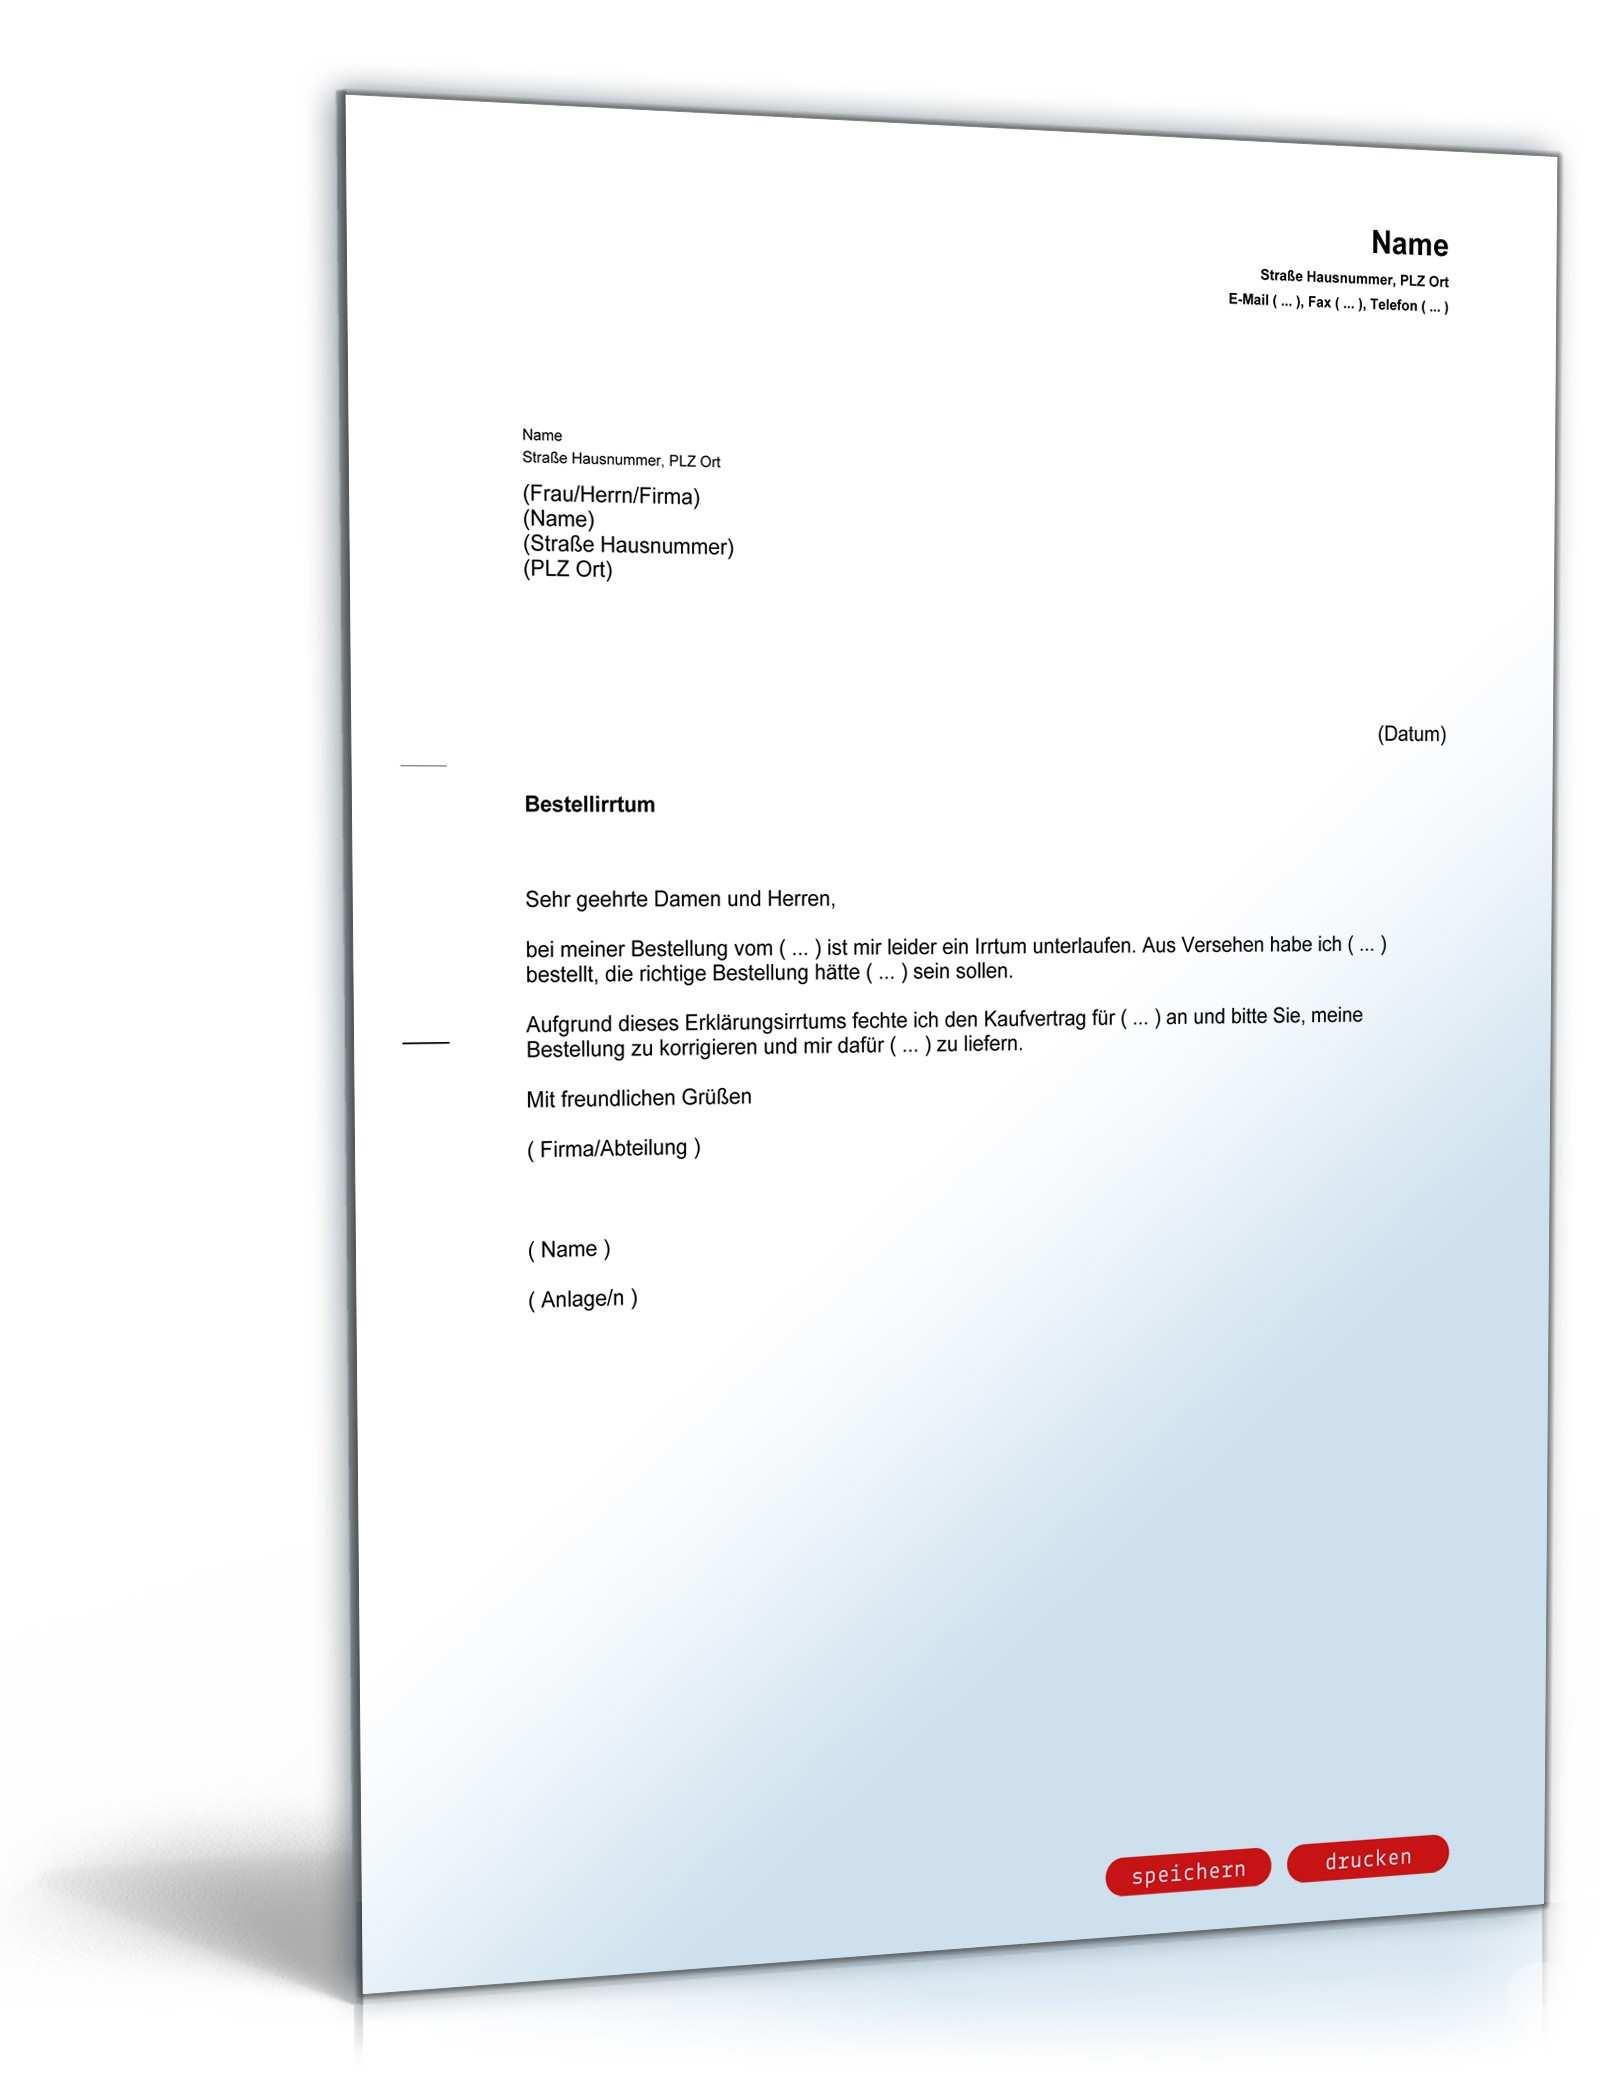 Anfechtung Kaufvertrag Wegen Irrtums Vorlage Zum Download